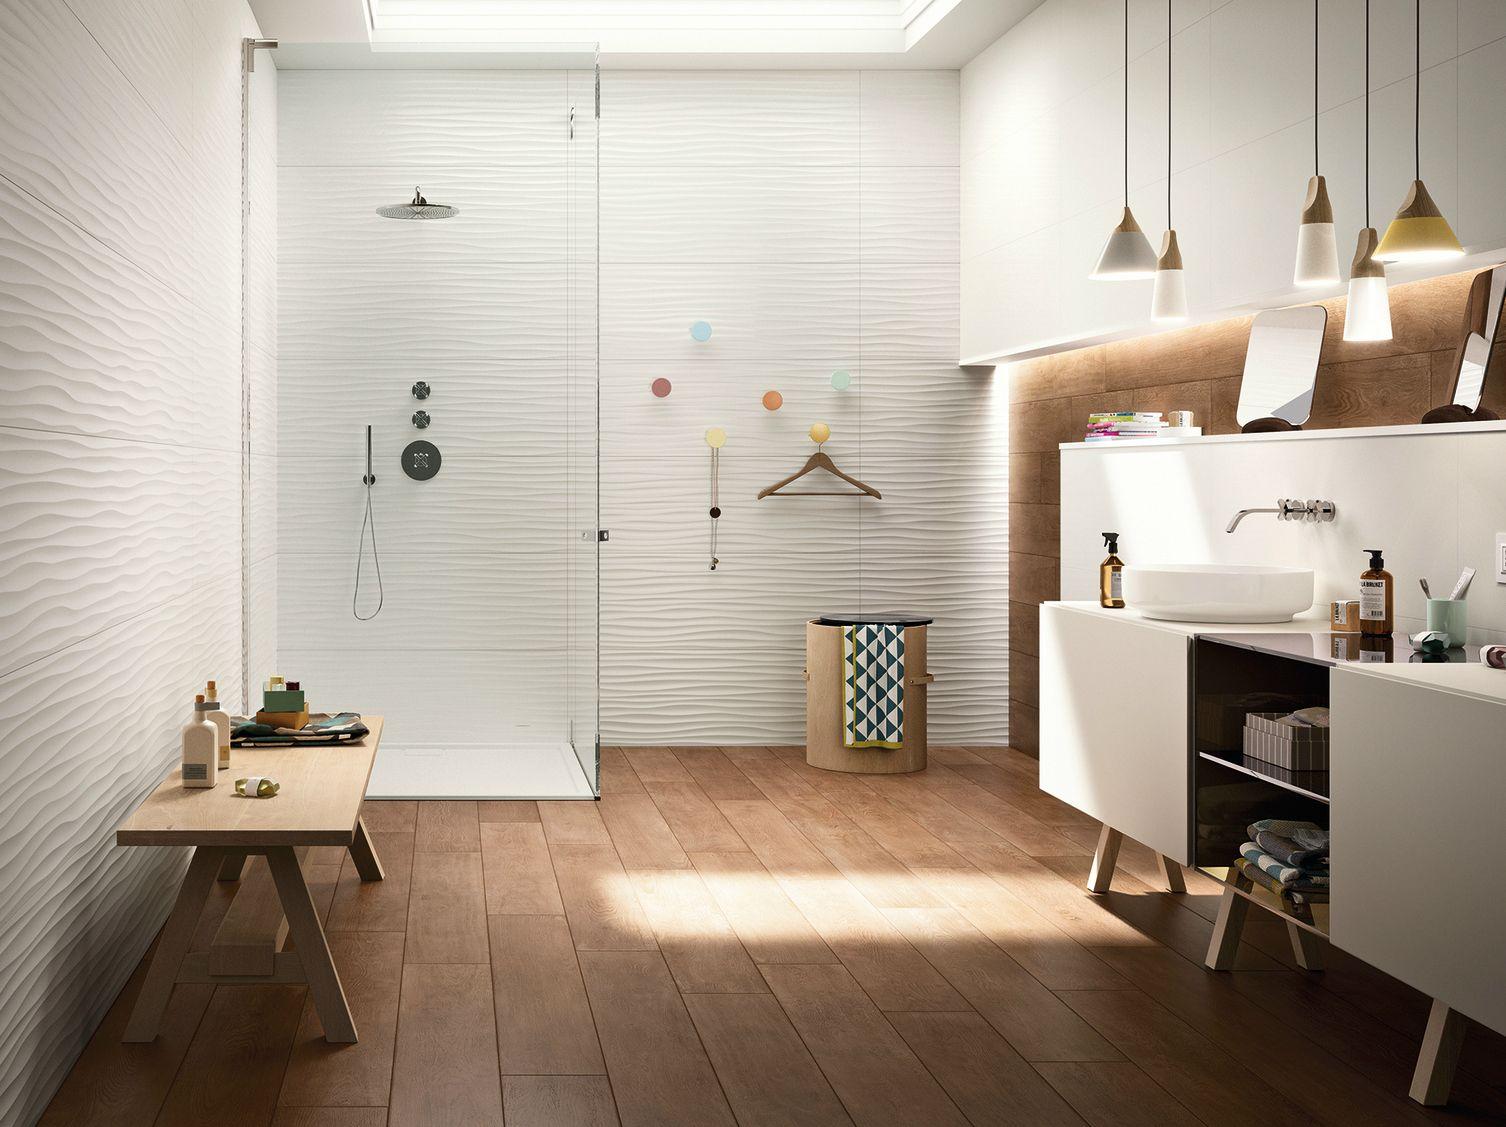 Marazzi Fliesen revêtement de sol mur en céramique pâte blanche essenziale by